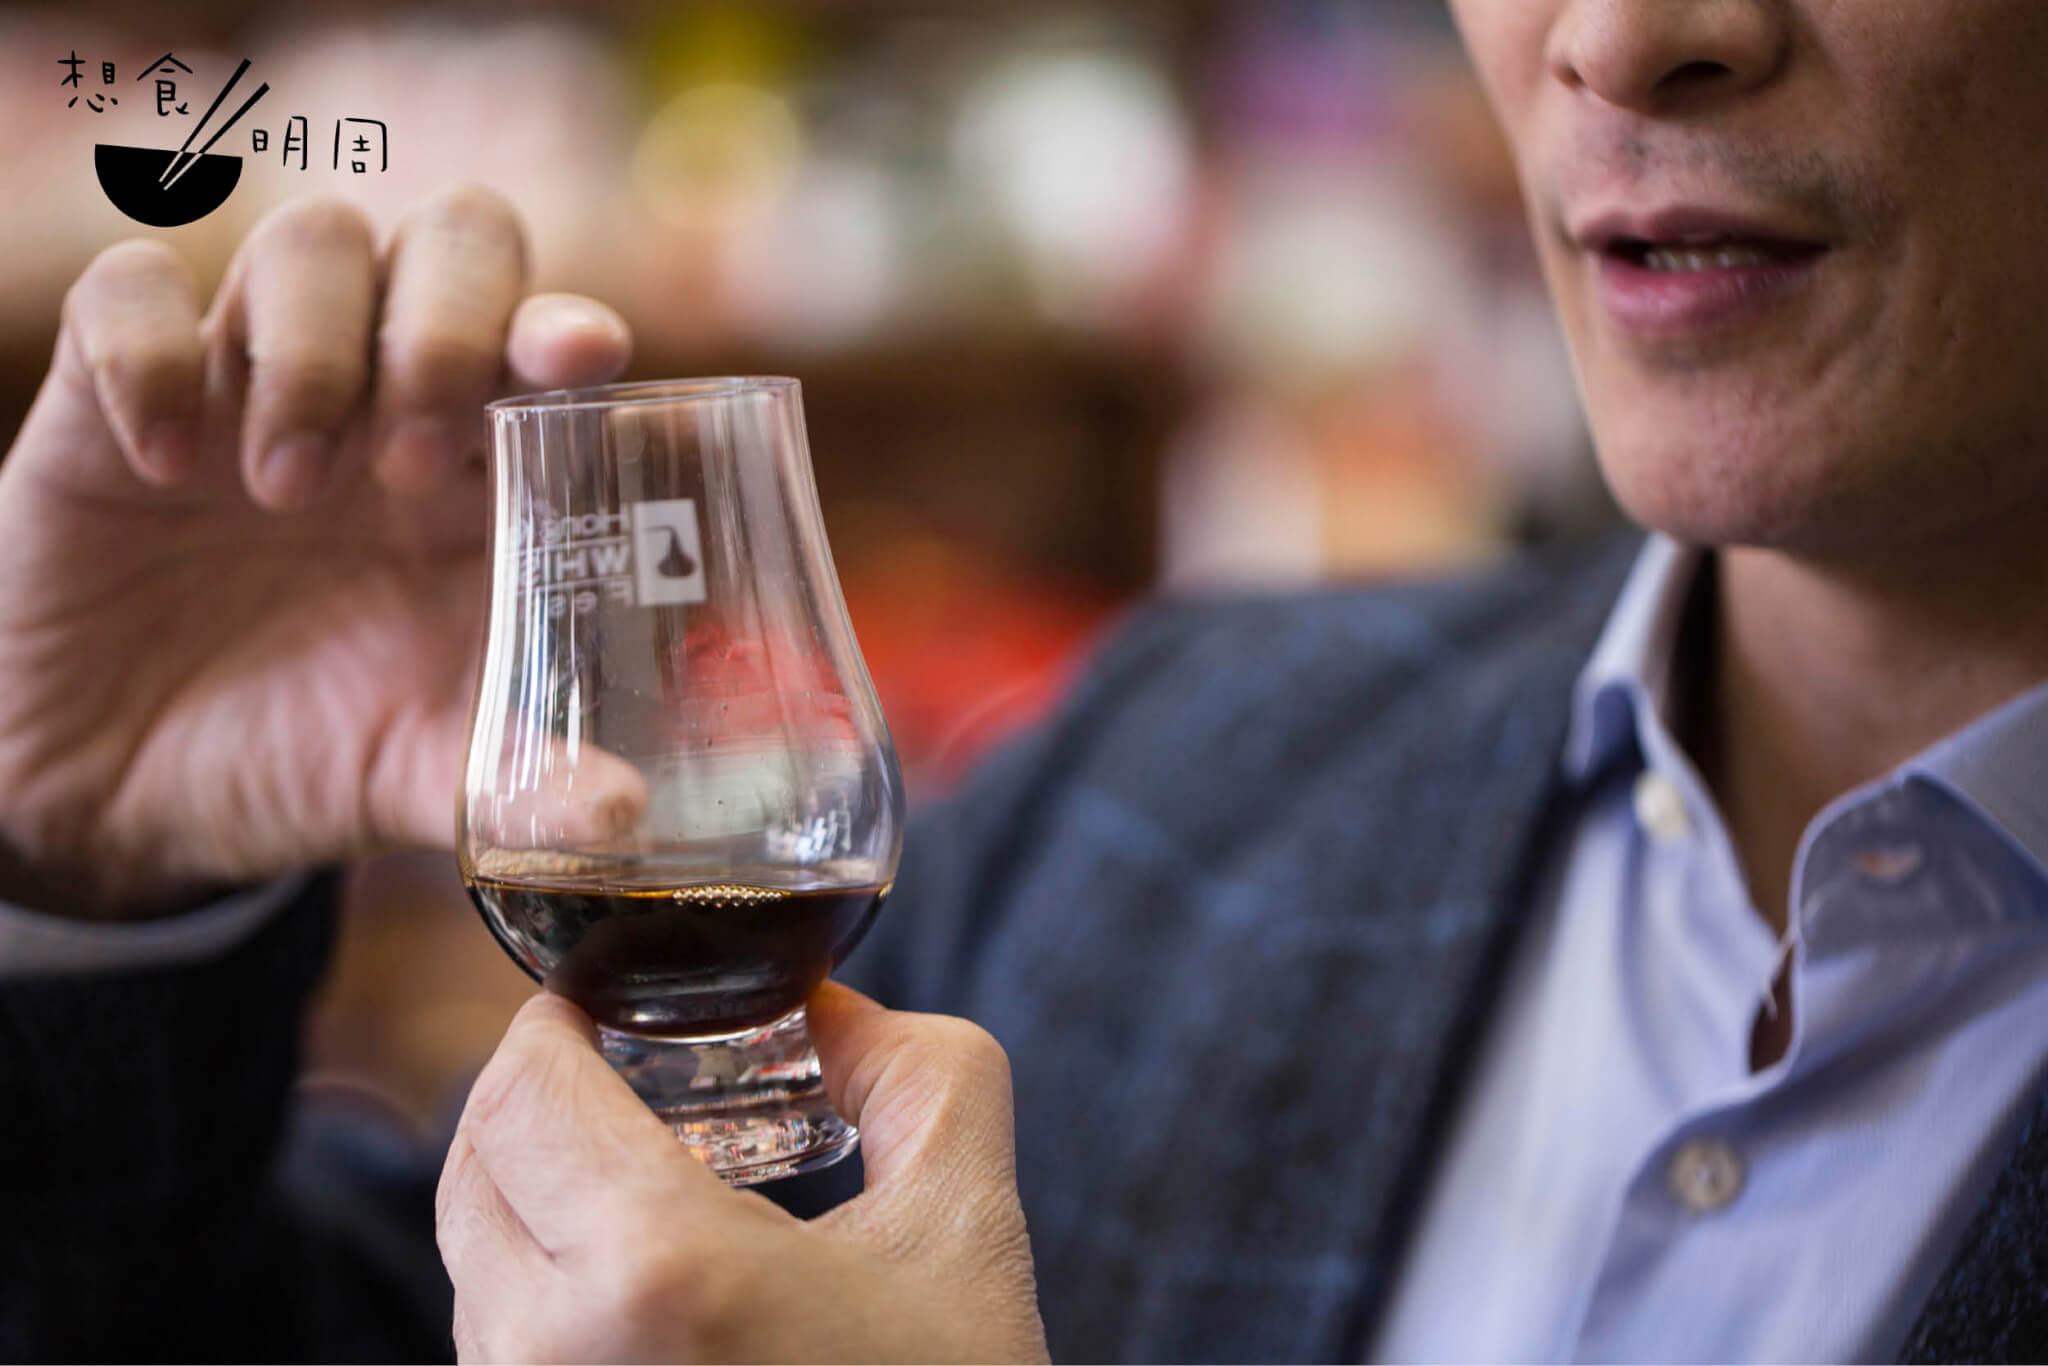 杯口的大小有助聞香,故李豐年推介用威士忌杯品飲花雕。